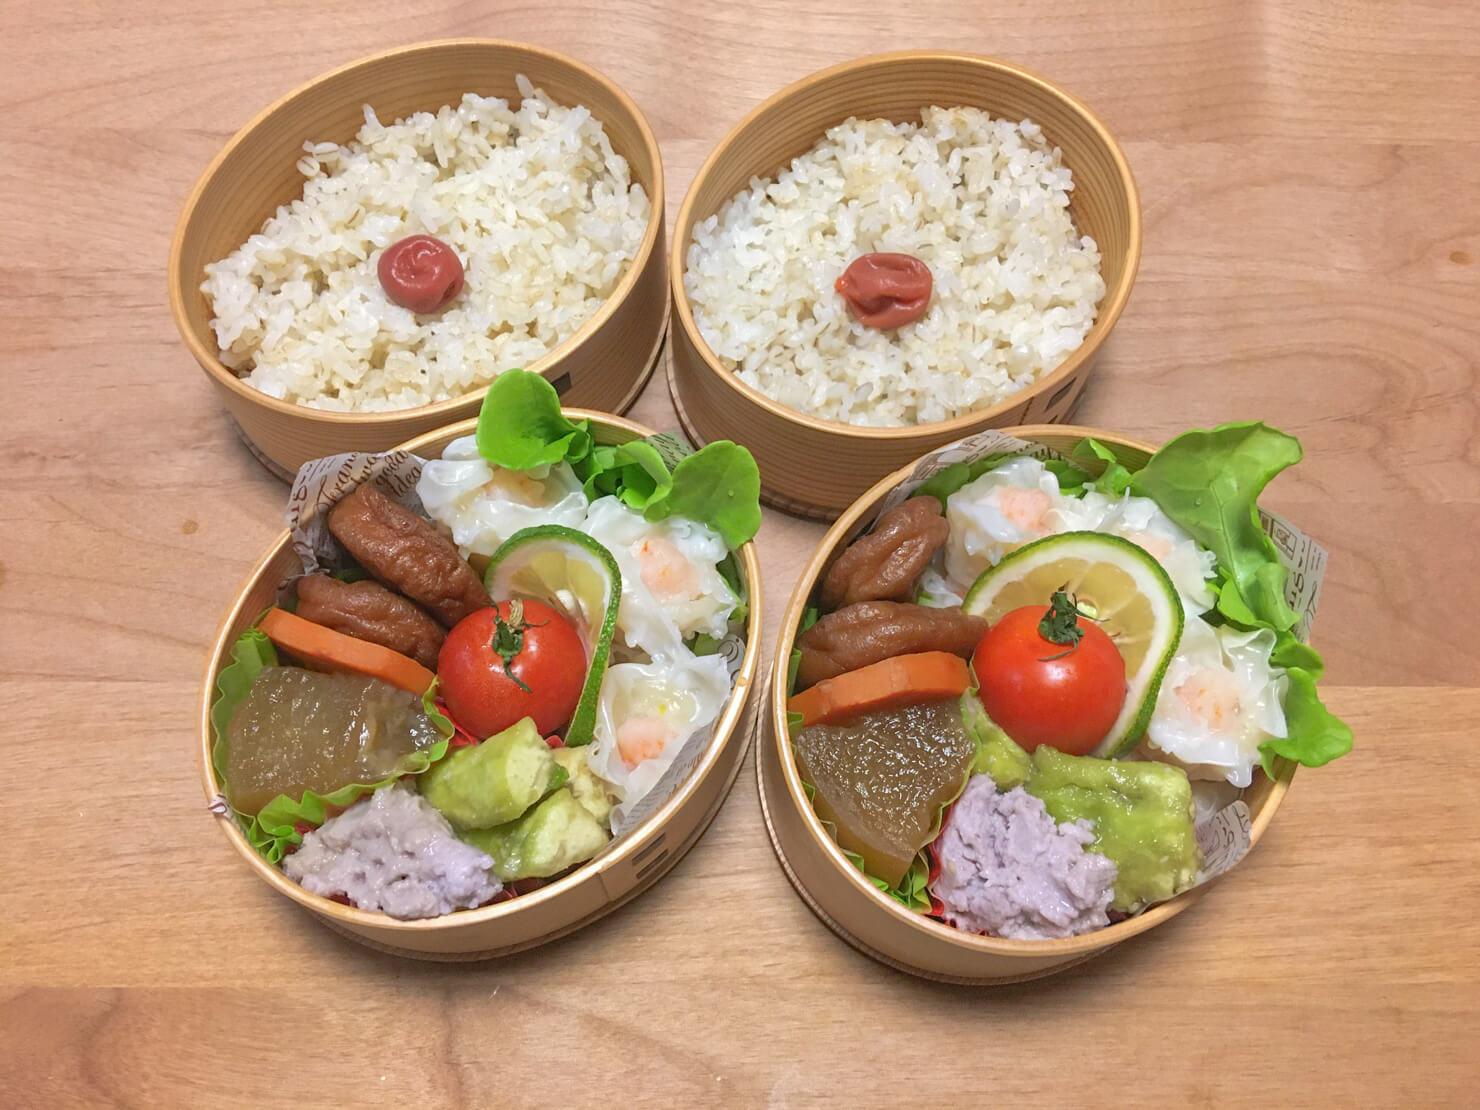 蒸しナスのイカすり身添え入りのお弁当の写真